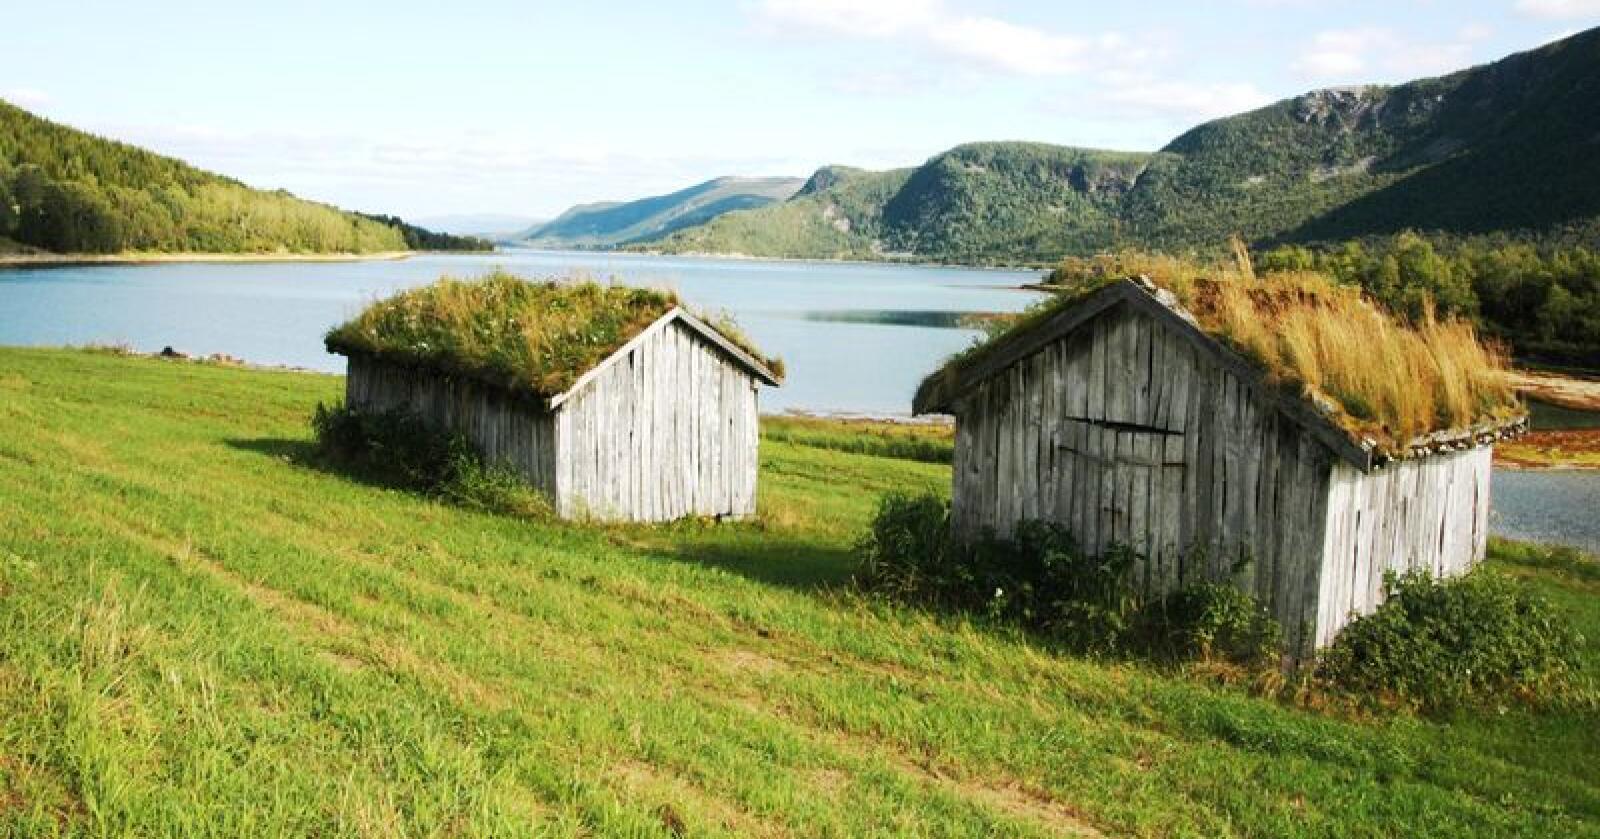 I Norge er det rundt 3300 freda hus som er i privat eie. Det kan være alt fra herregårder til husmannsplasser. Nær halvparten av disse bygningene er i god stand, mens de øvrige trenger moderat eller omfattende istandsetting. (Arkivfoto fra Bodø)